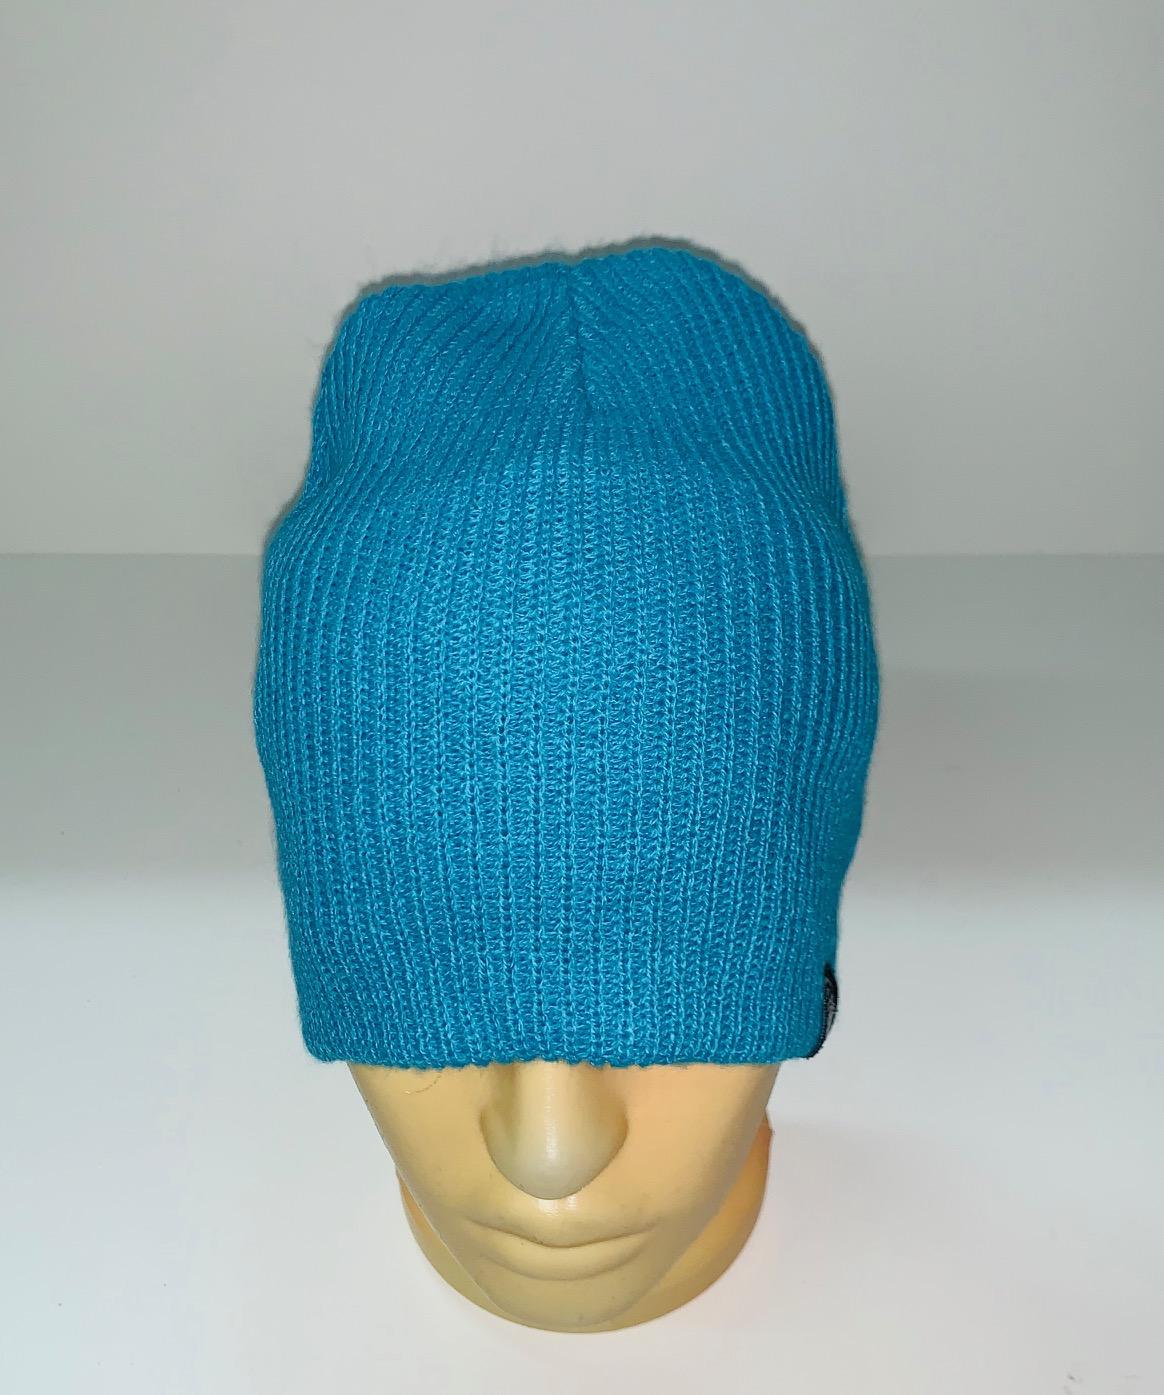 Стильная голубая шапка